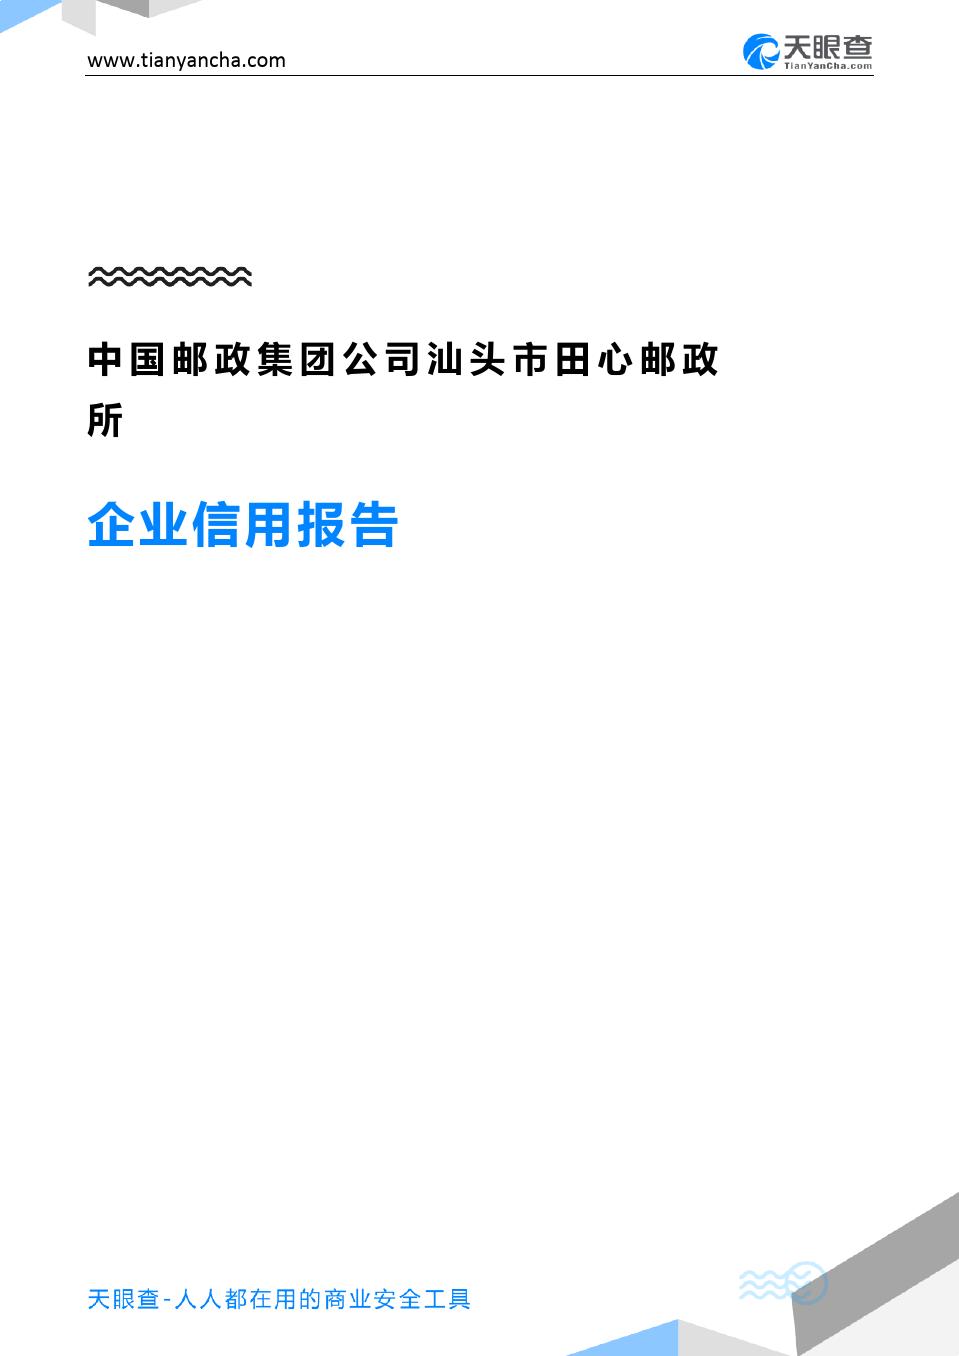 中国邮政集团公司汕头市田心邮政所企业信用报告-天眼查